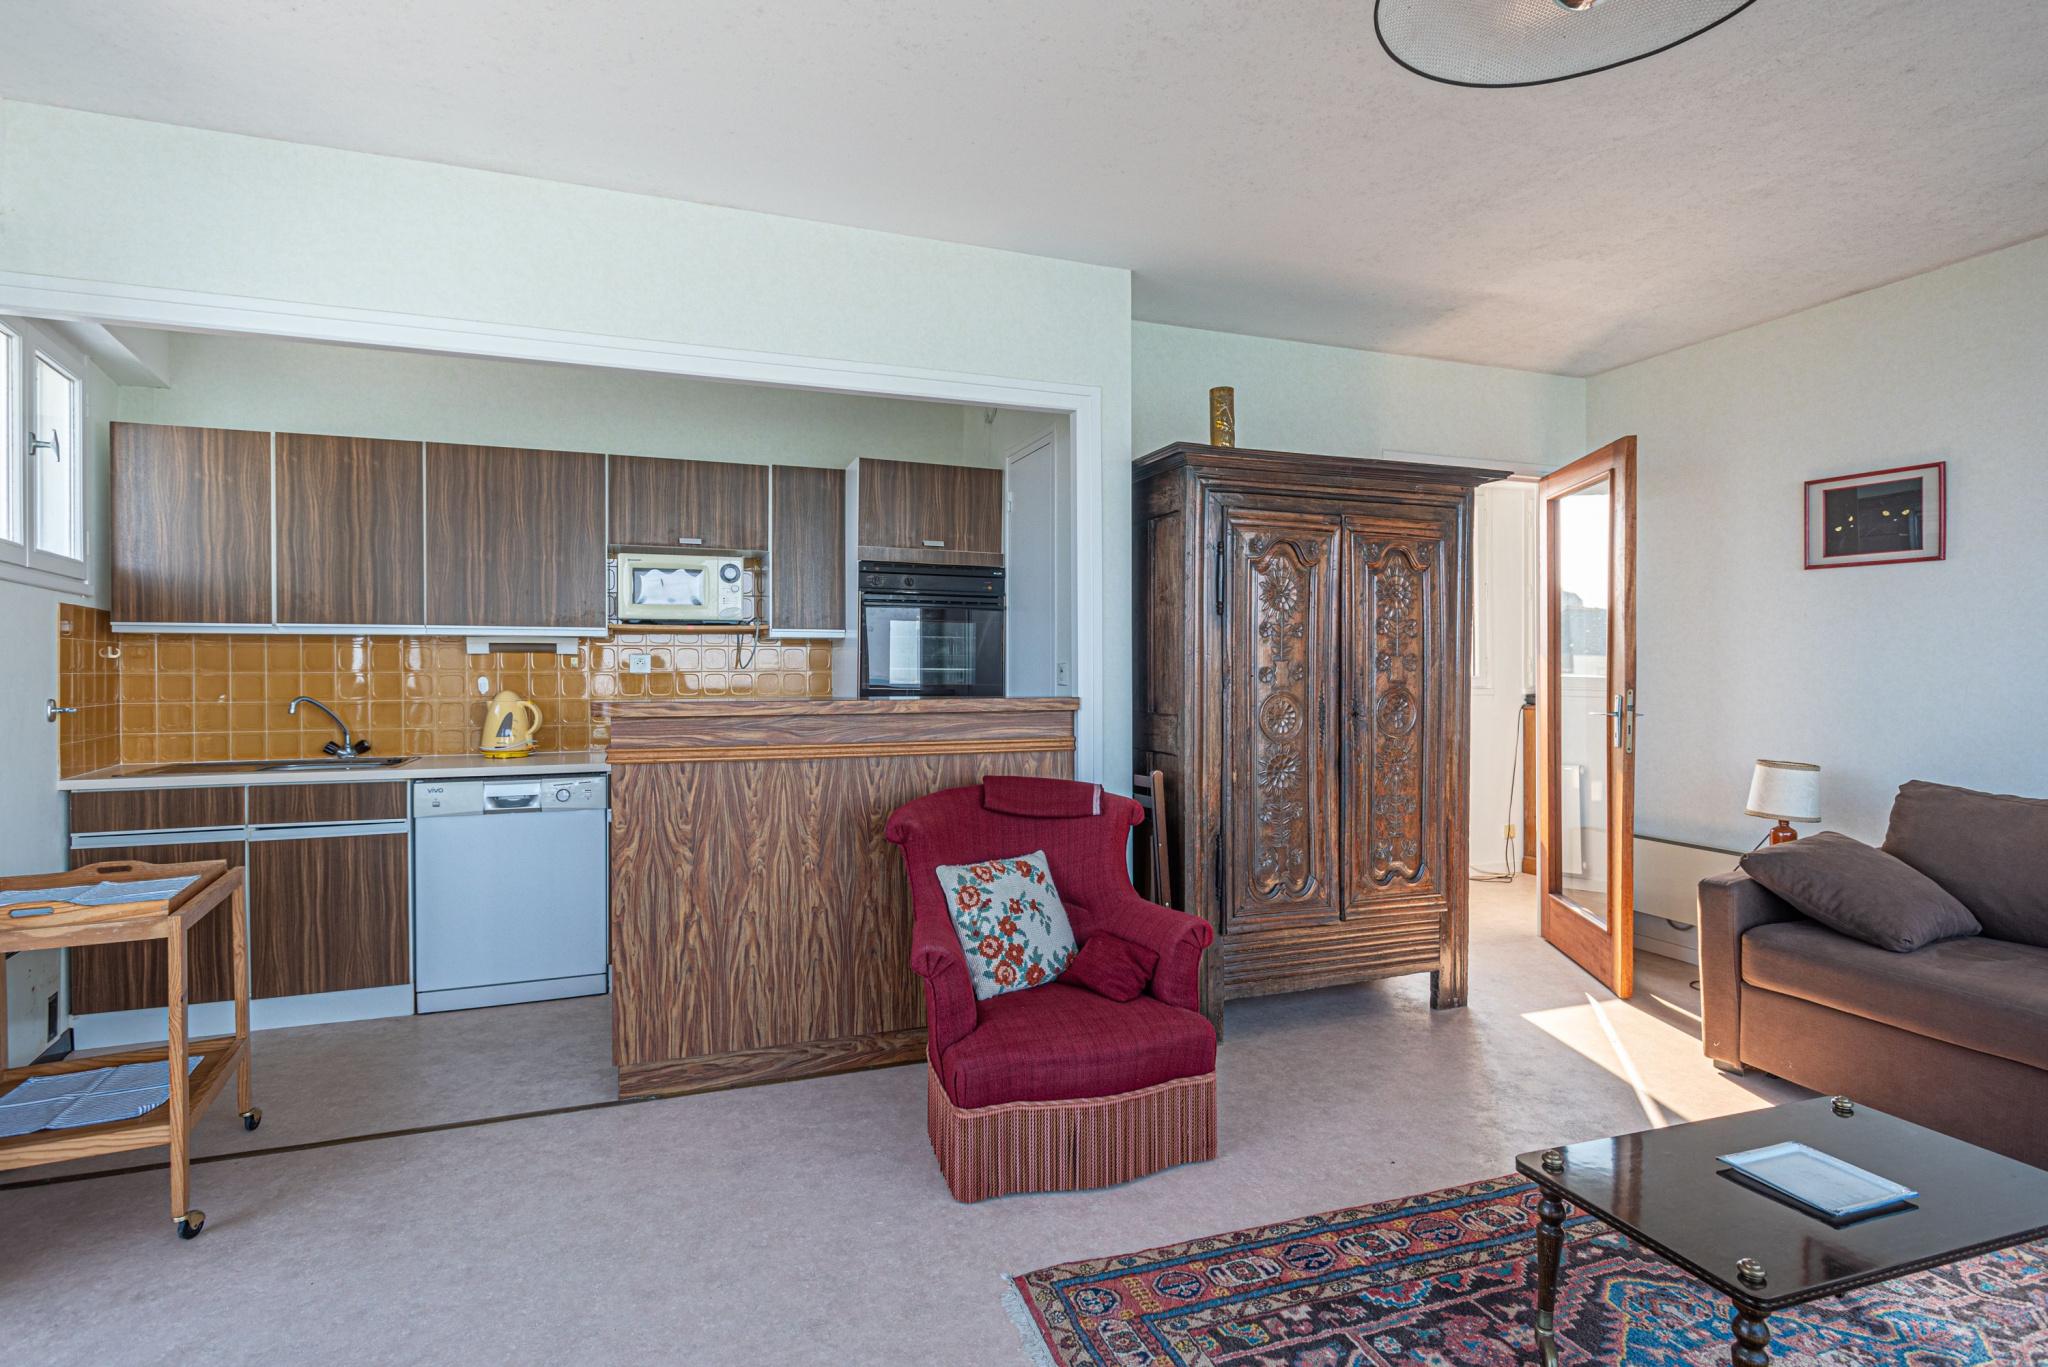 Appartement vendu à St pierre quiberon